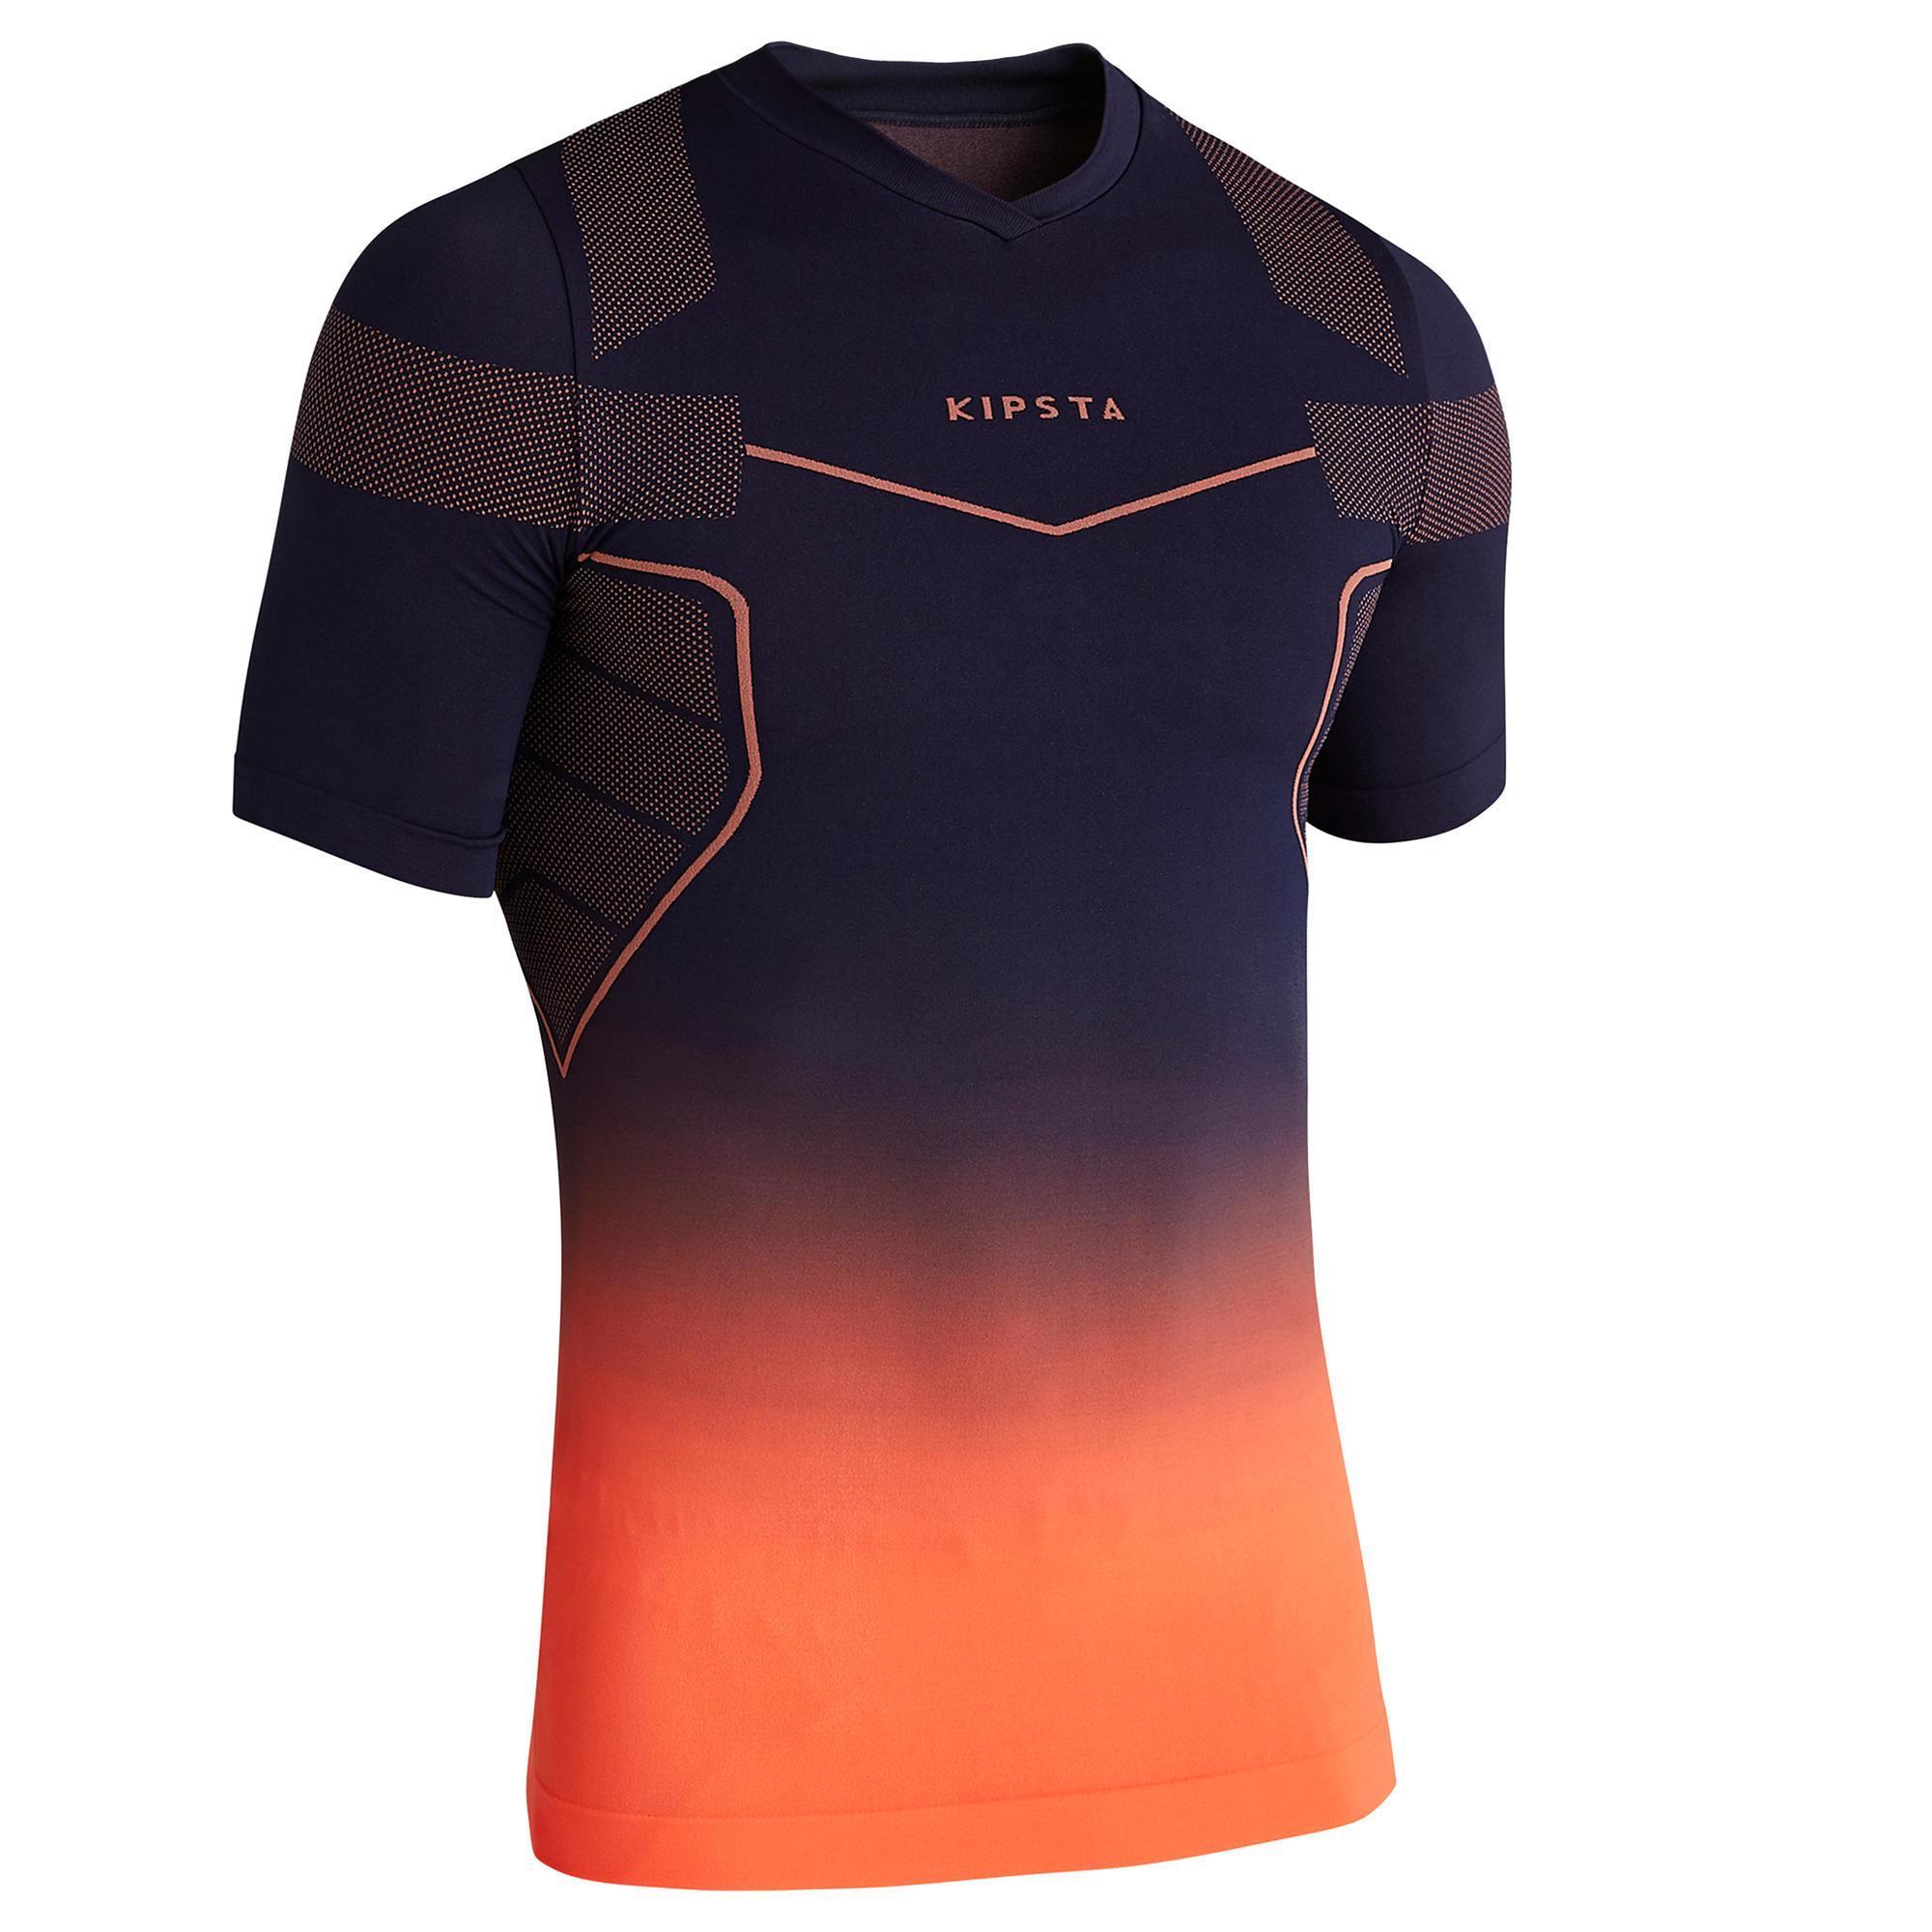 Rugbykleding kopen met voordeel